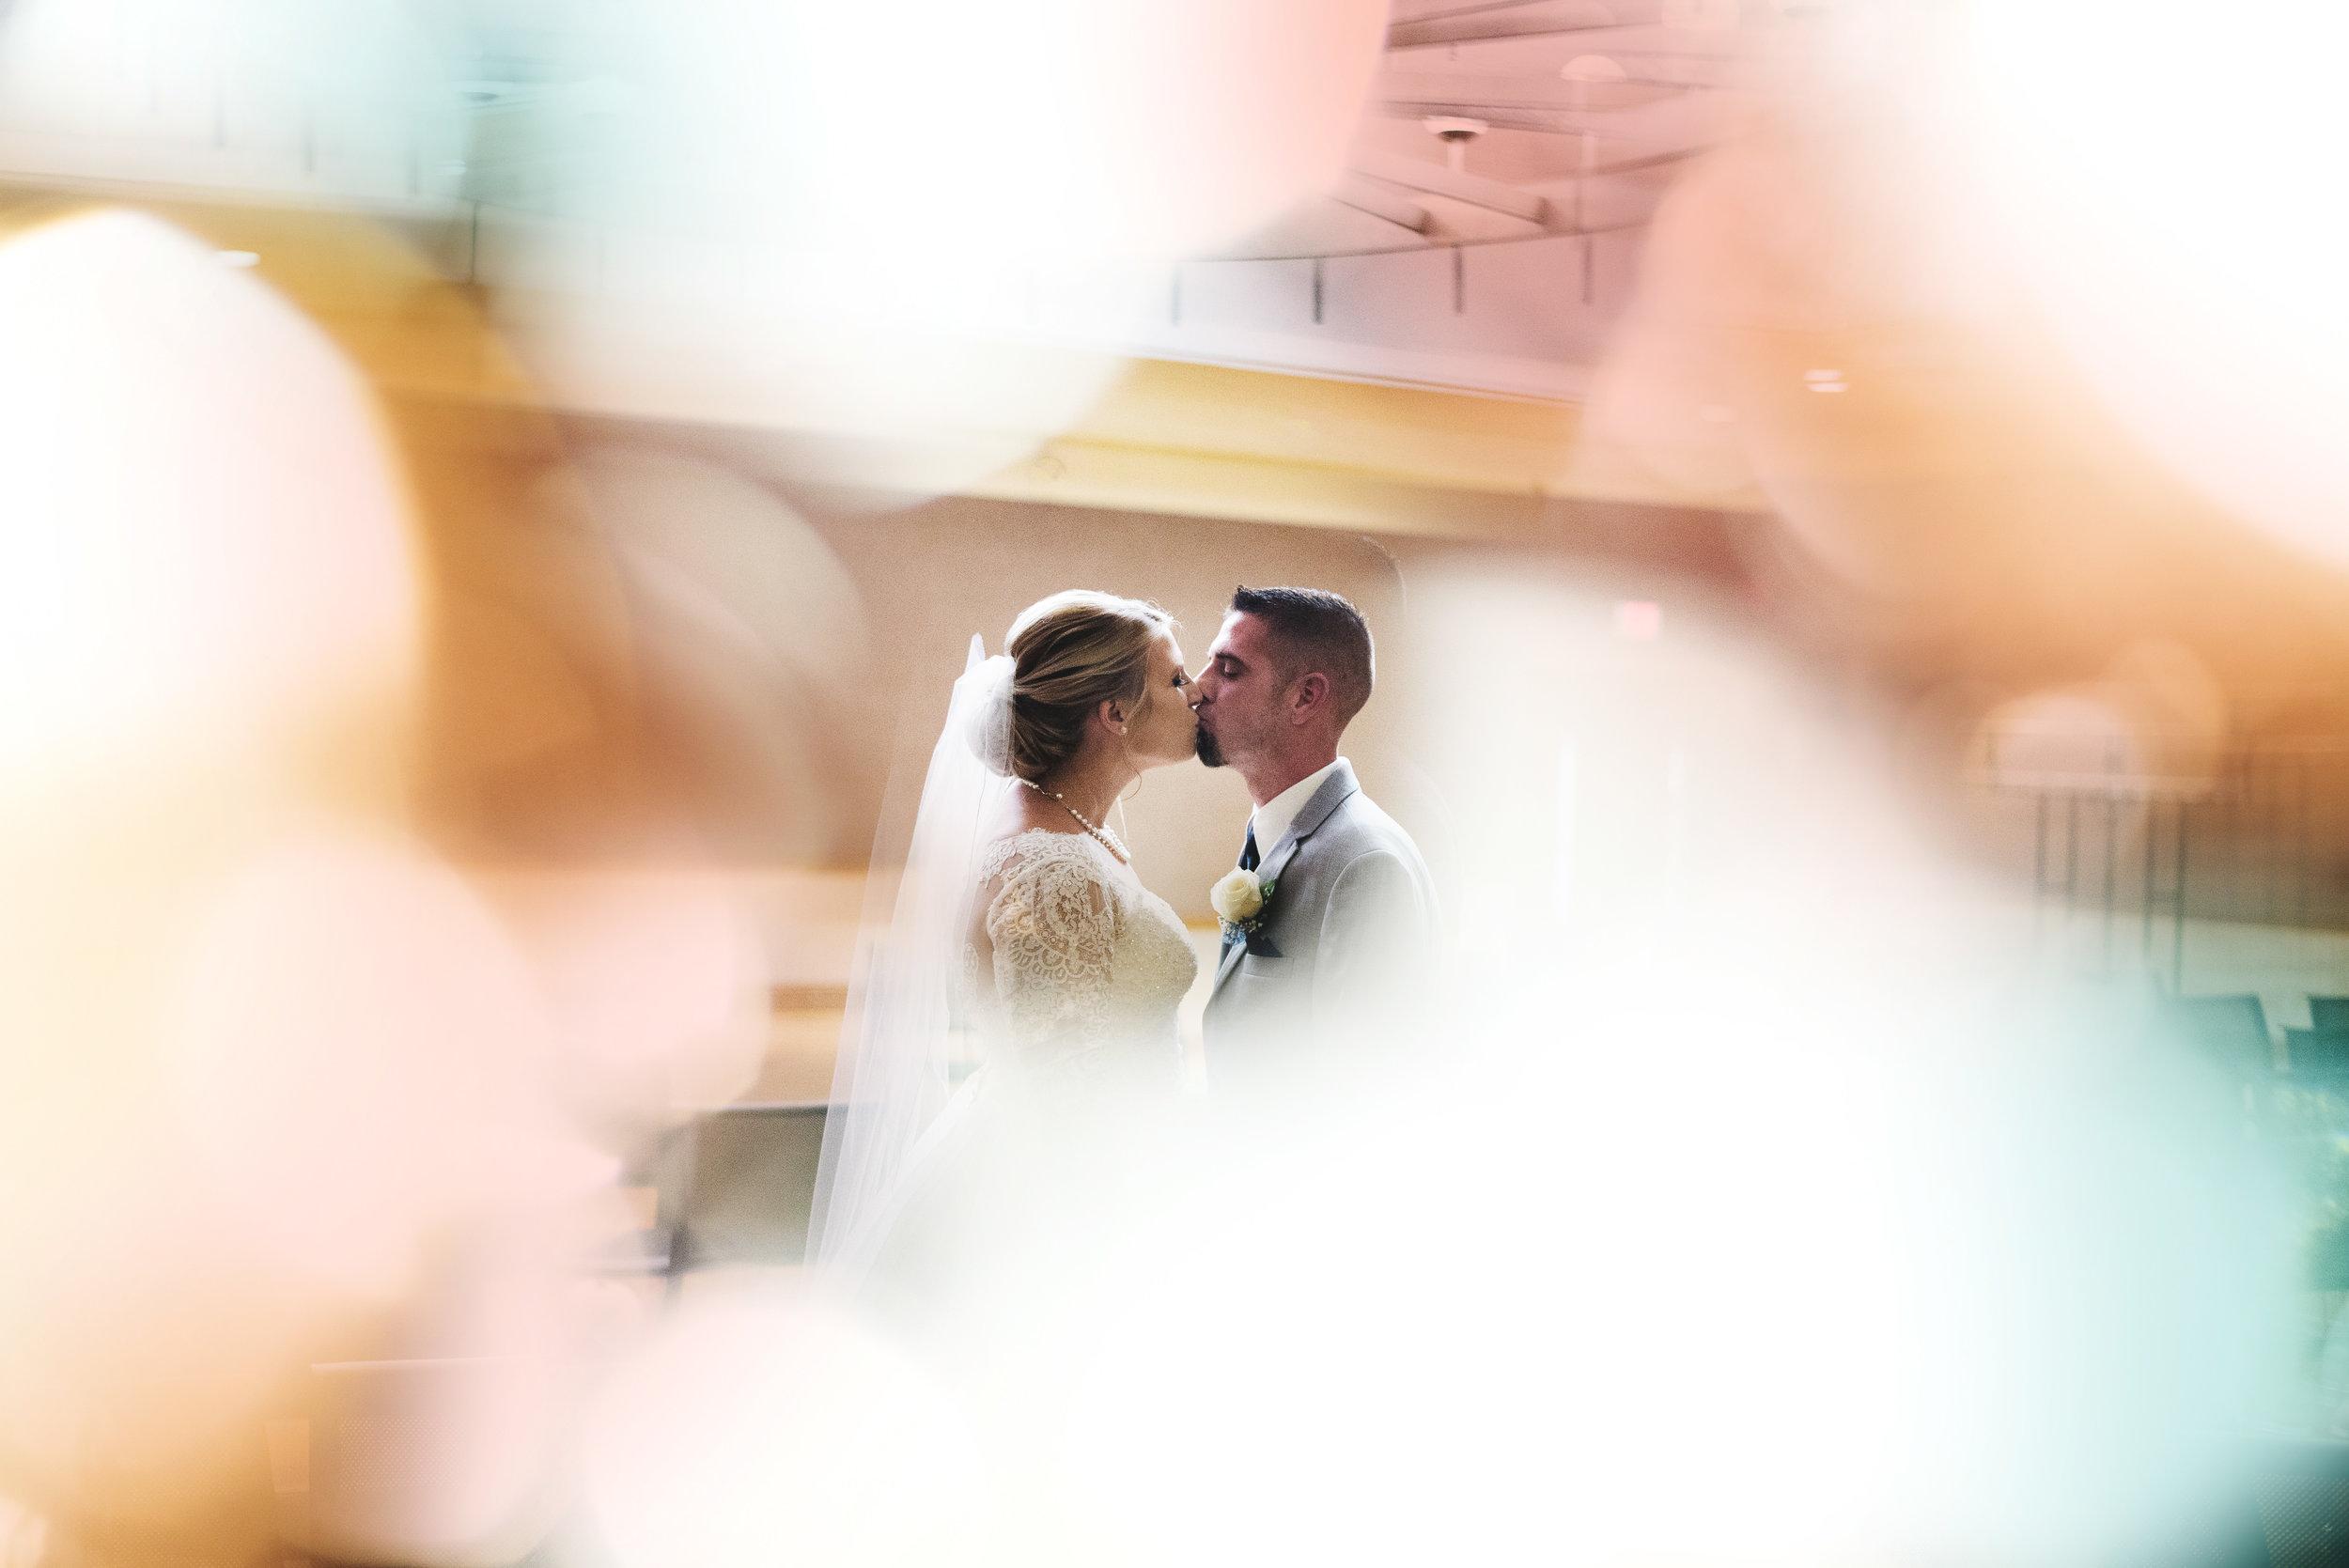 King-Northern-Illinois-University-Wedding086.jpg